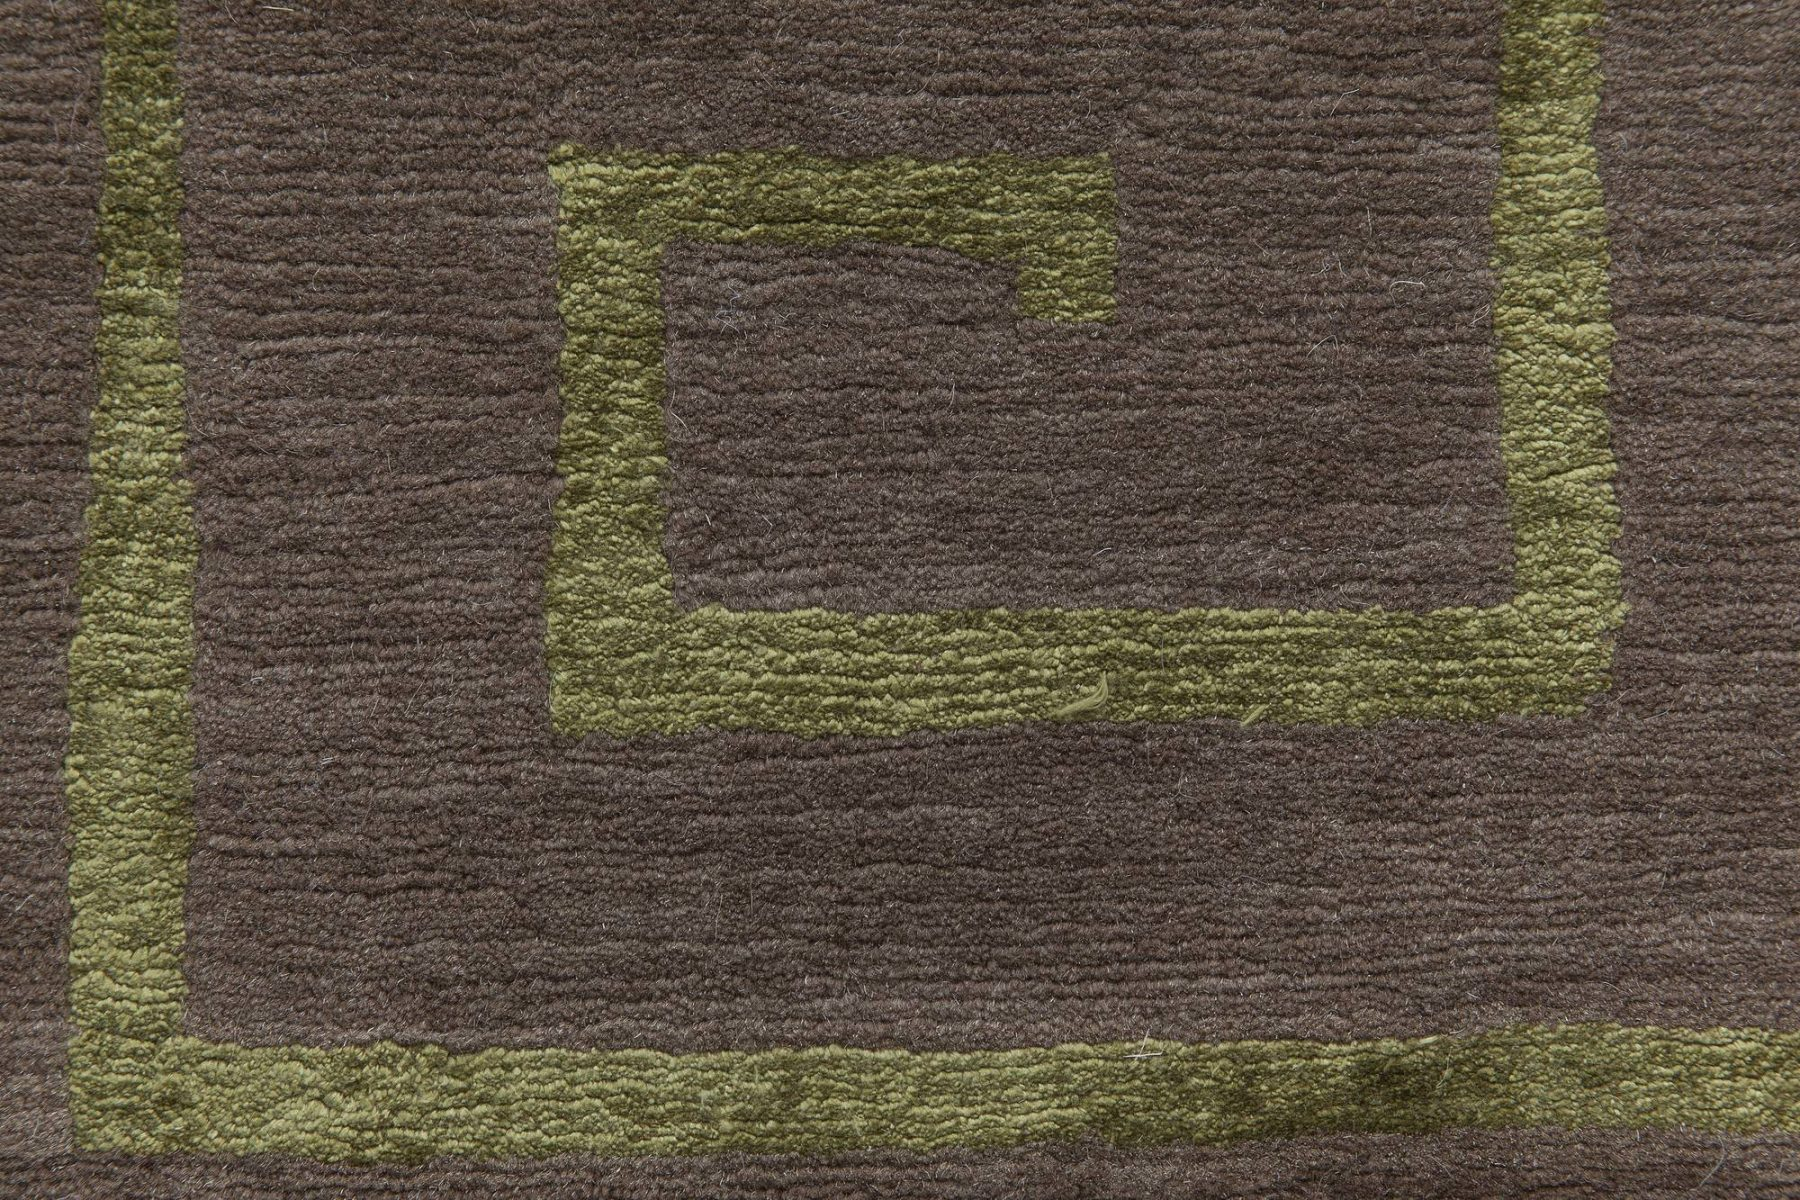 Tibetan Greek Key Dark Brown & Green Hand Knotted Wool & Silk Rug N11504